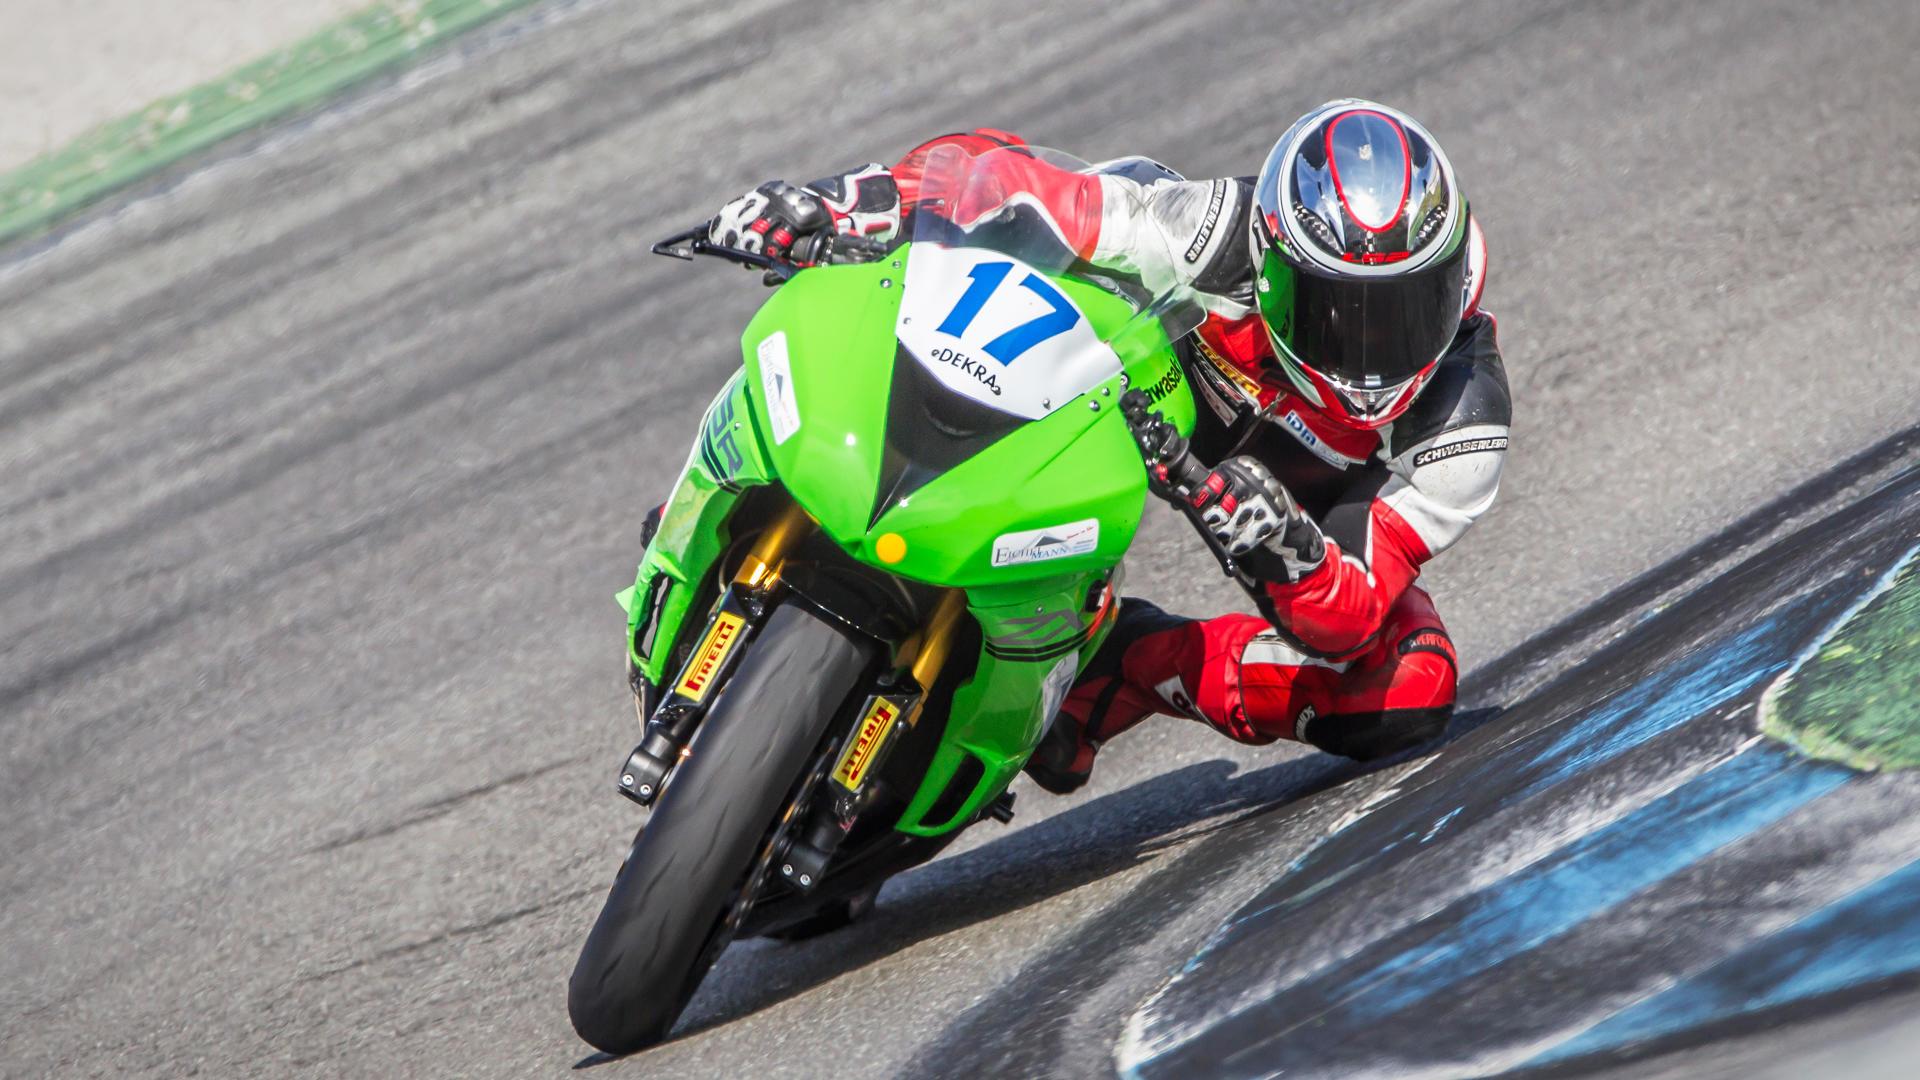 Die IDM Supersport 600 auf dem Hockenheimring